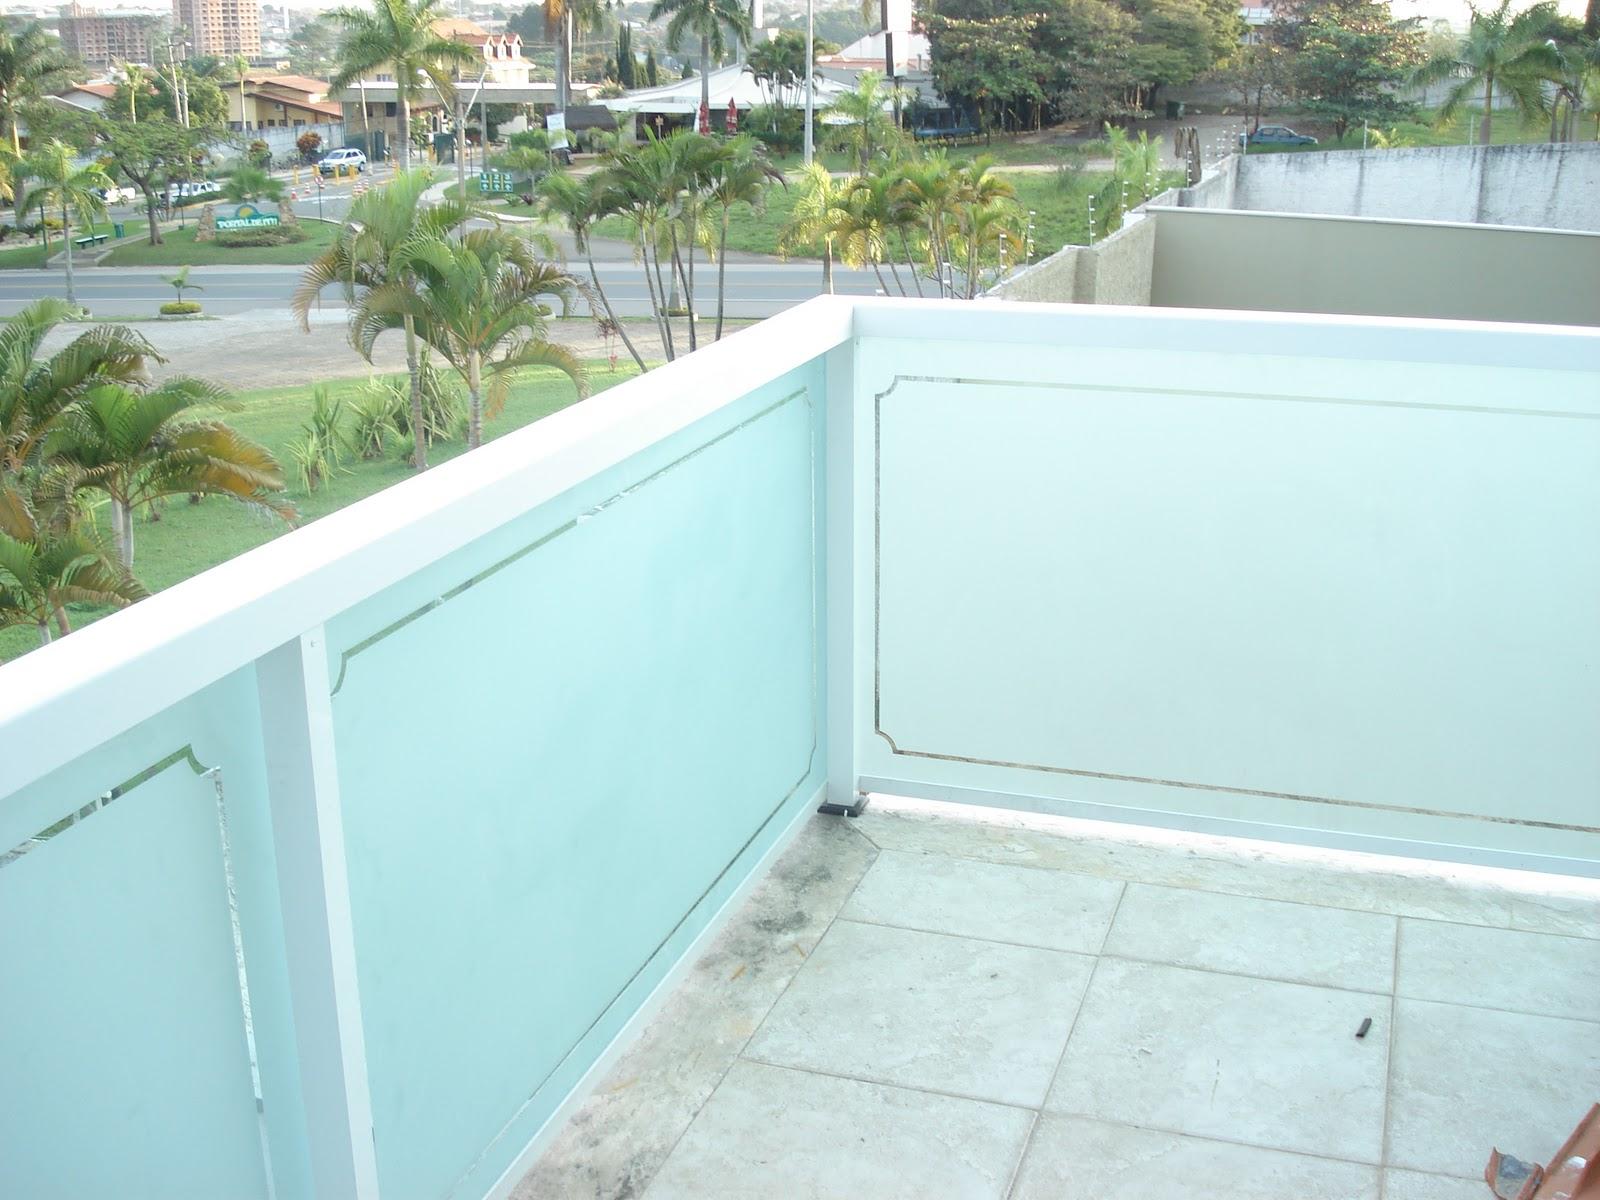 #448088 Esquadrias de Aluminio: Janeiro 2012 1326 Preço De Janelas De Aluminio Em Juiz De Fora